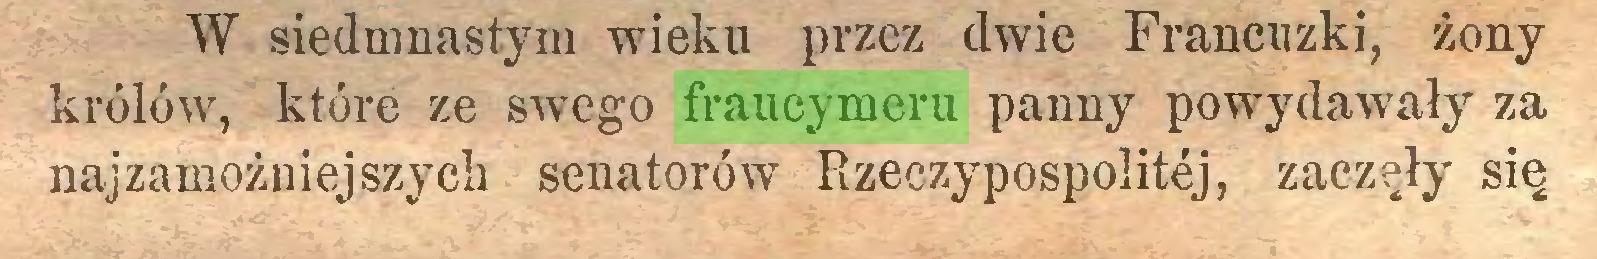 (...) W siedmnastym wieku przez dwie Francuzki, żony królów, które ze swego fraucymeru panny powydawały za najzamożniejszych senatorów Rzeczypospolitej, zaczęły się...